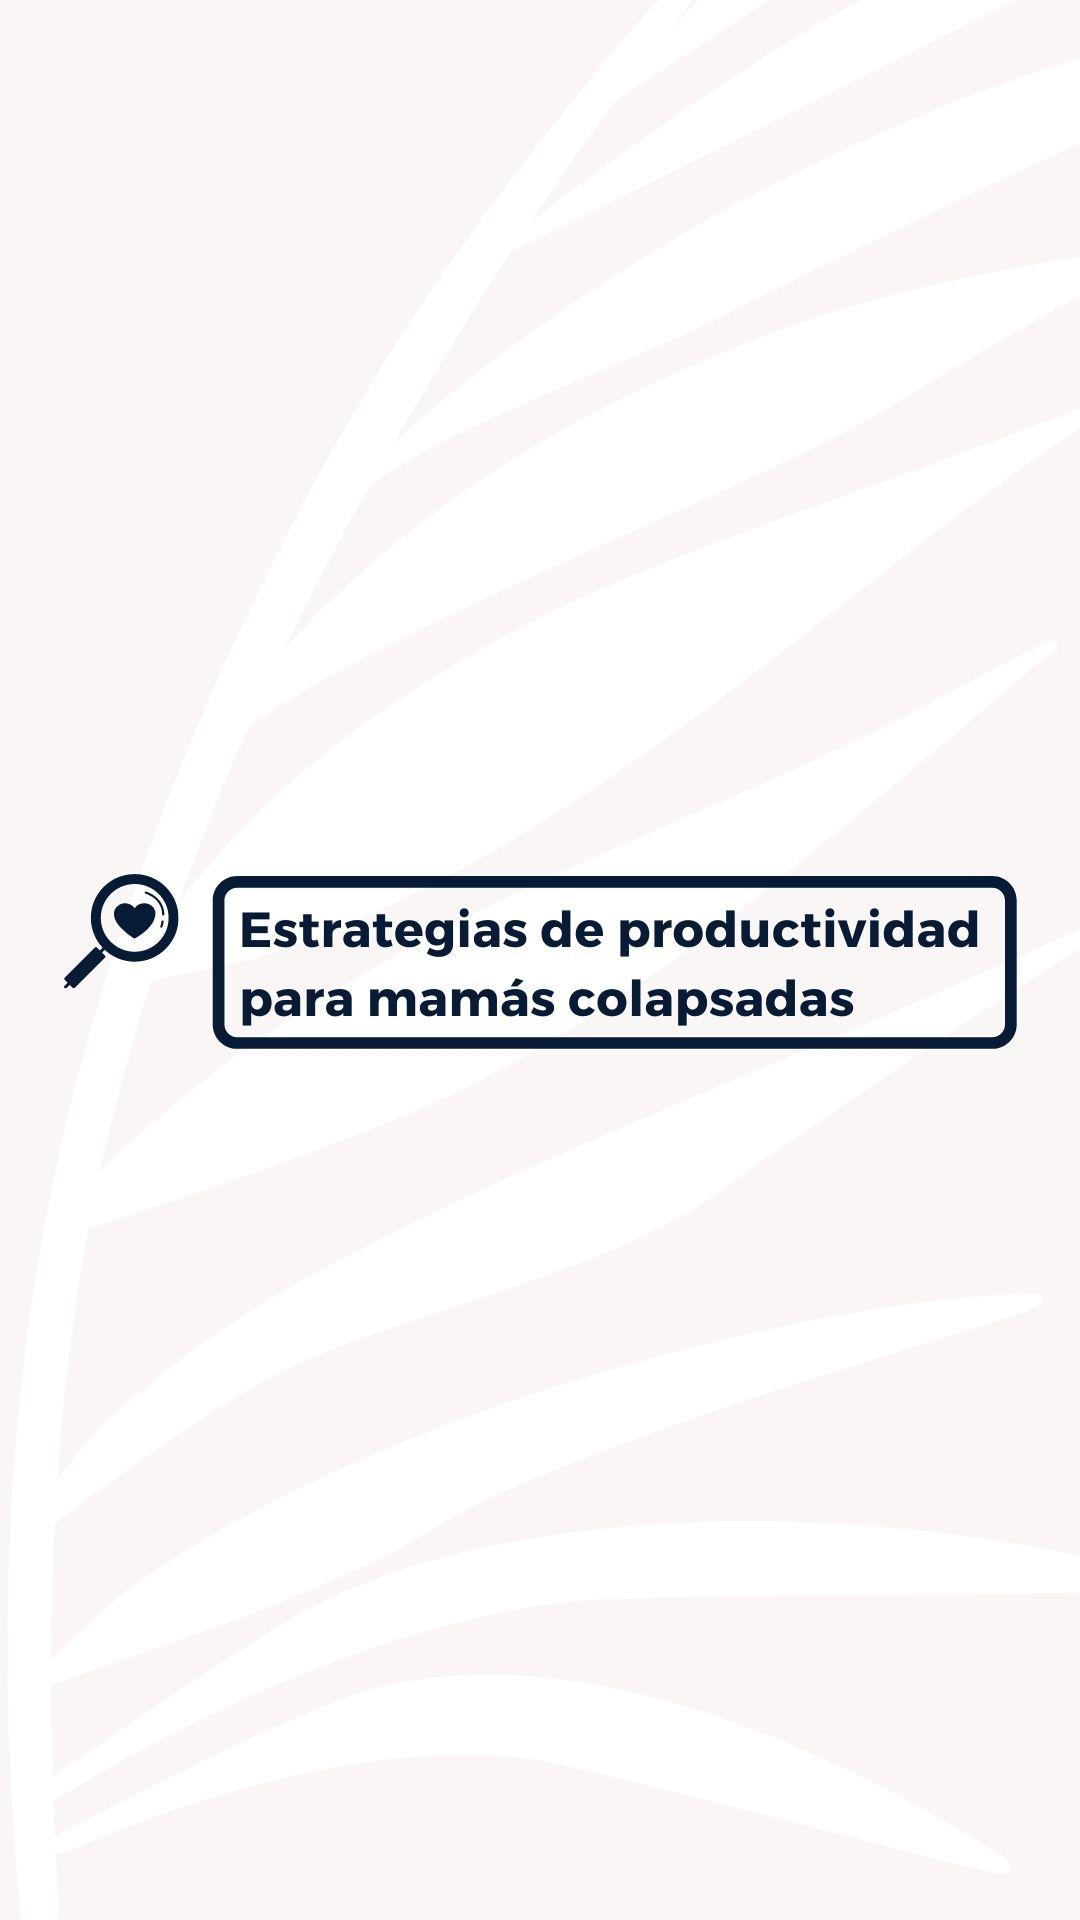 Cómo ser más feliz - estrategias de productividad